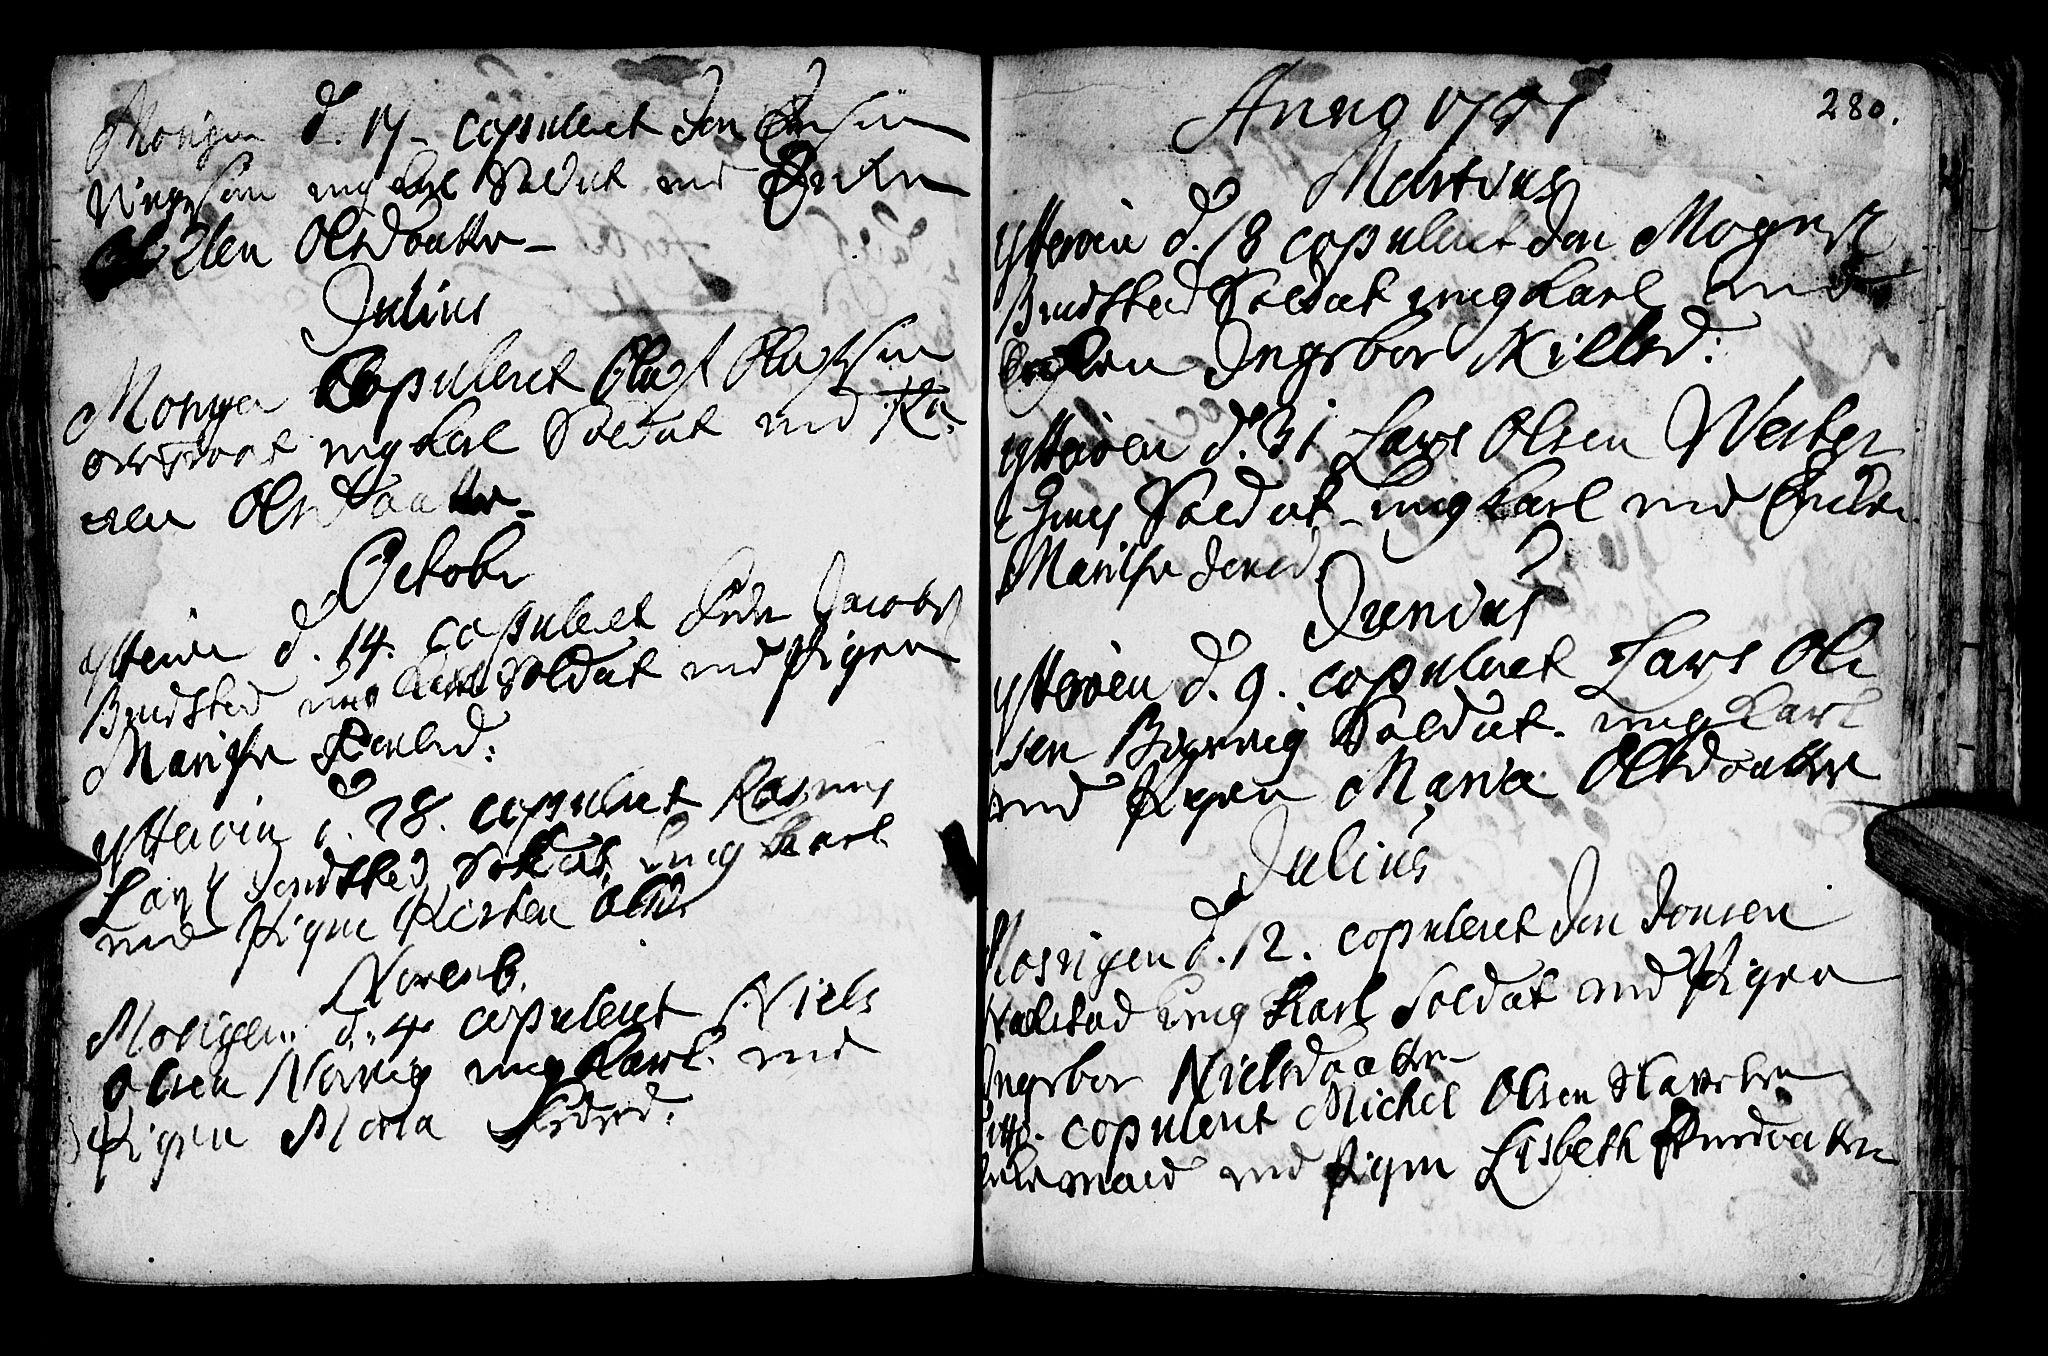 SAT, Ministerialprotokoller, klokkerbøker og fødselsregistre - Nord-Trøndelag, 722/L0215: Ministerialbok nr. 722A02, 1718-1755, s. 280